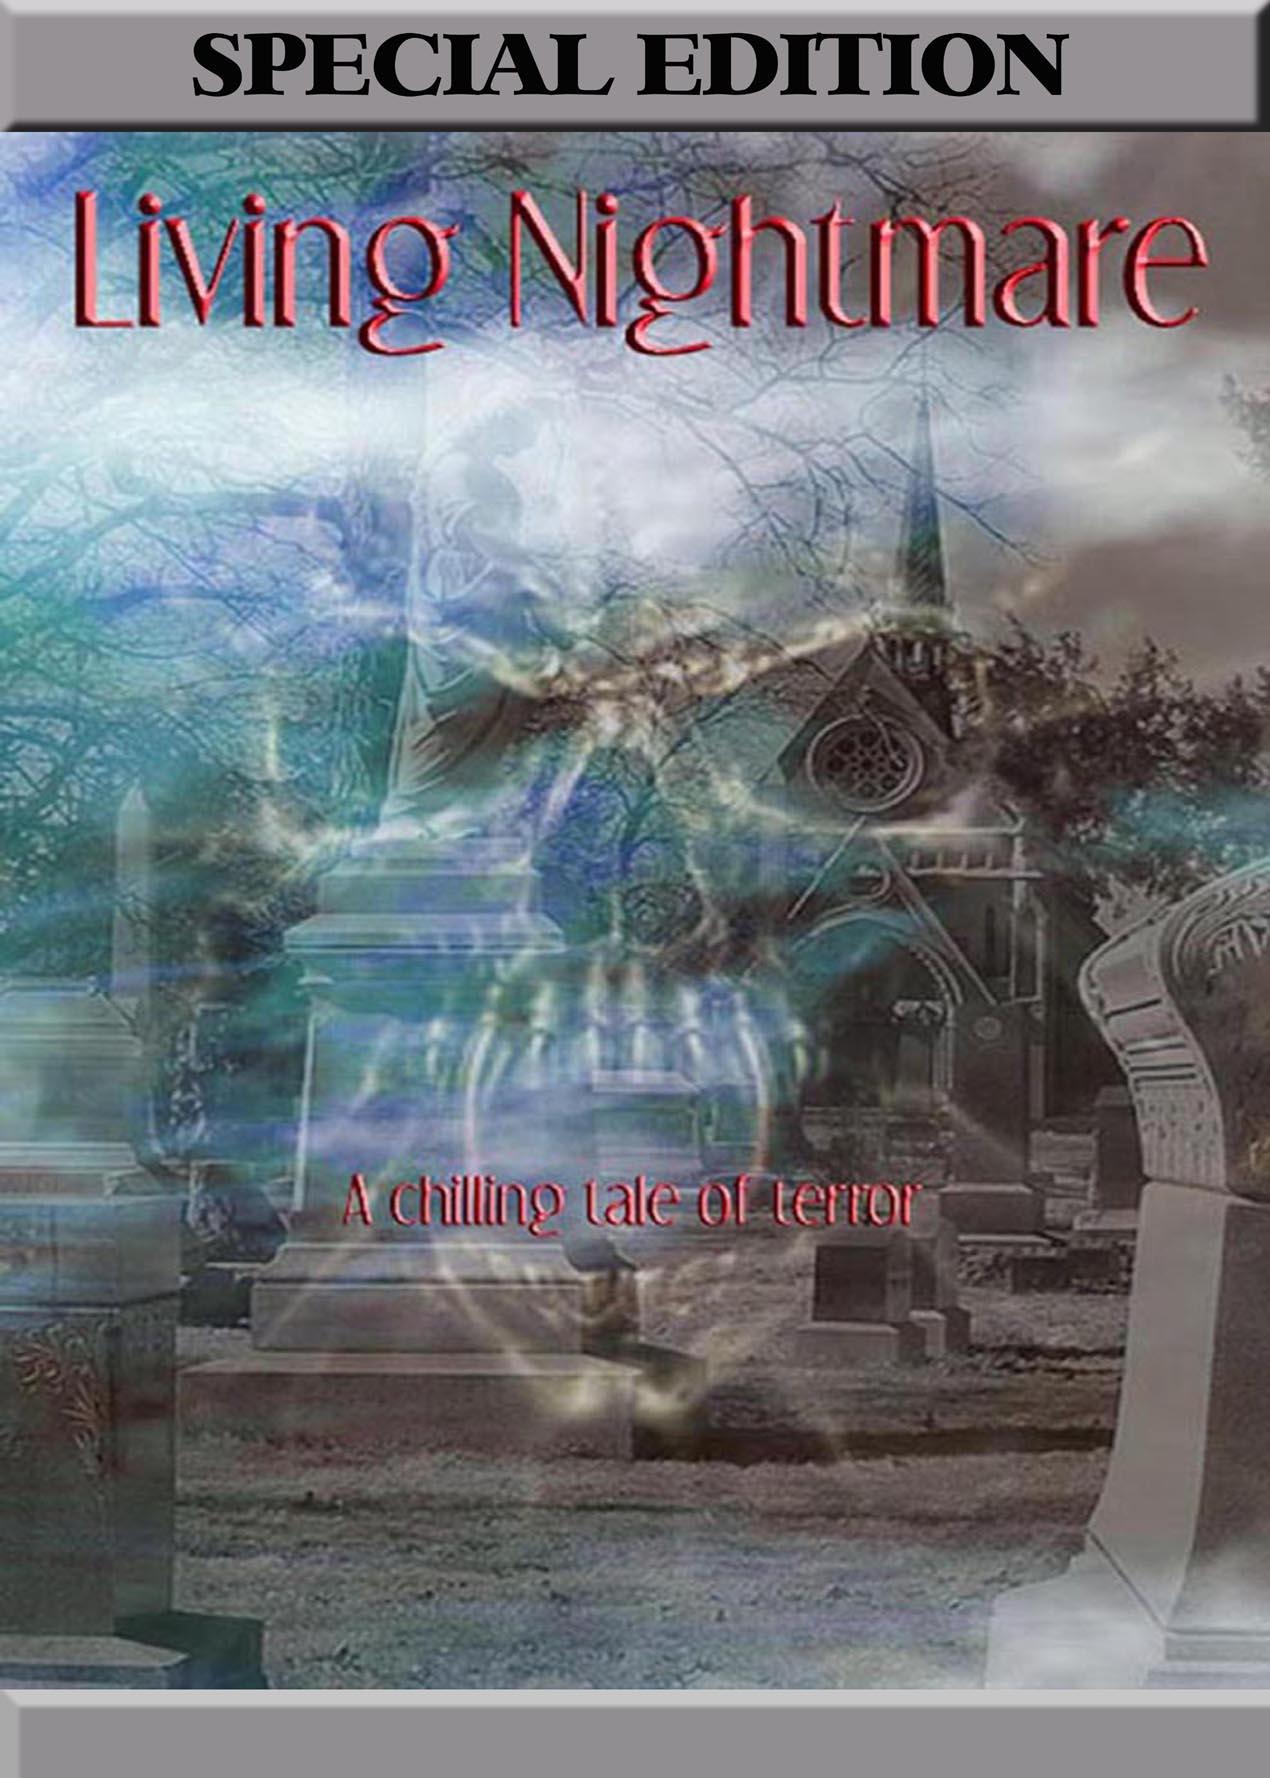 Living Nightmare